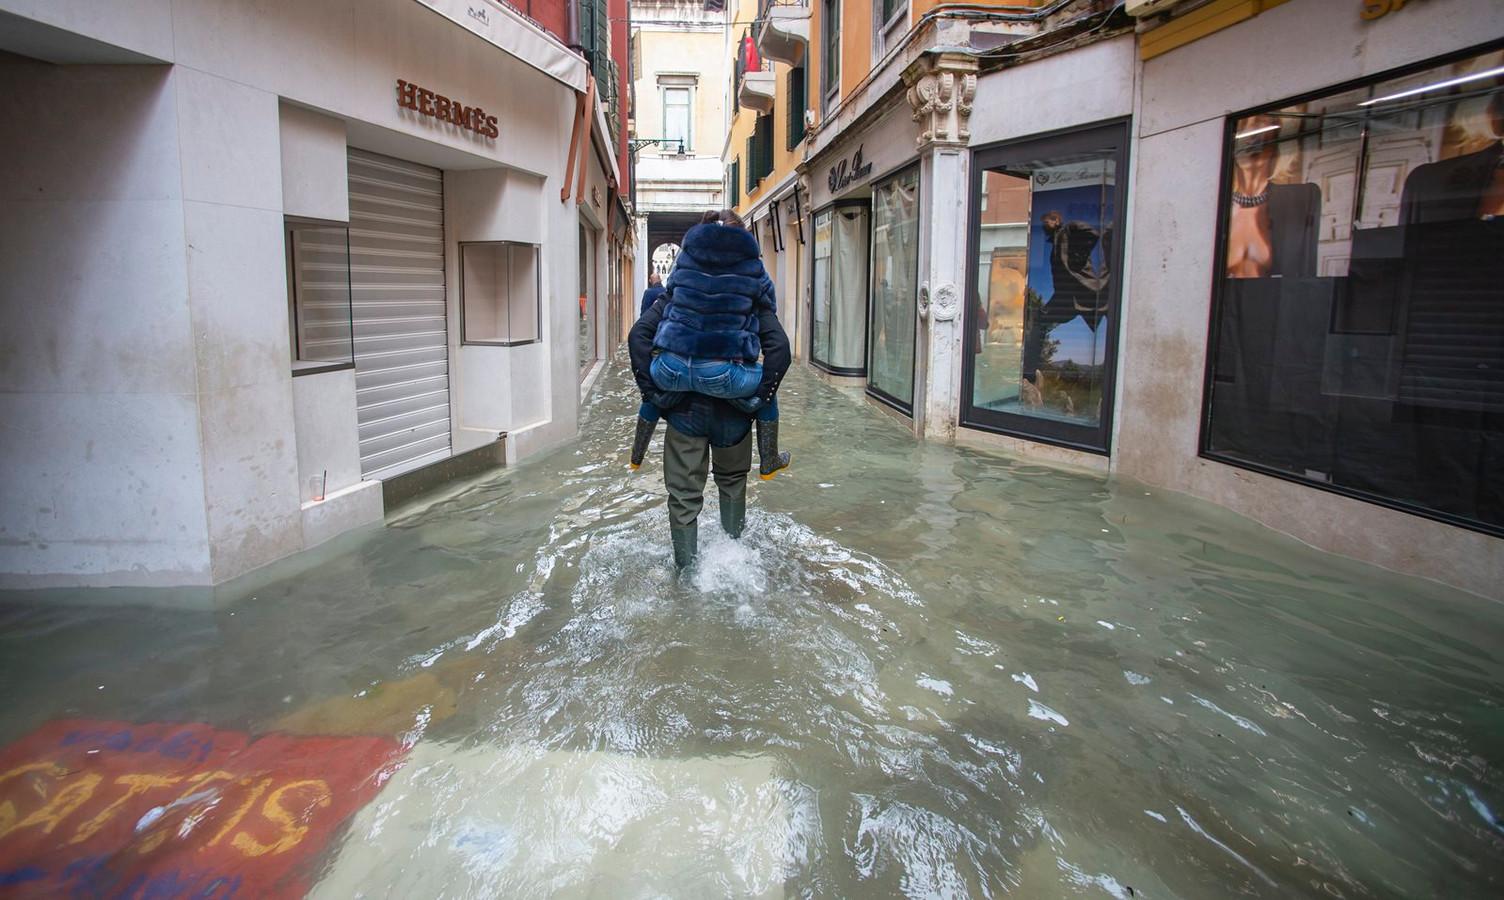 De situatie in Venetië vandaag.